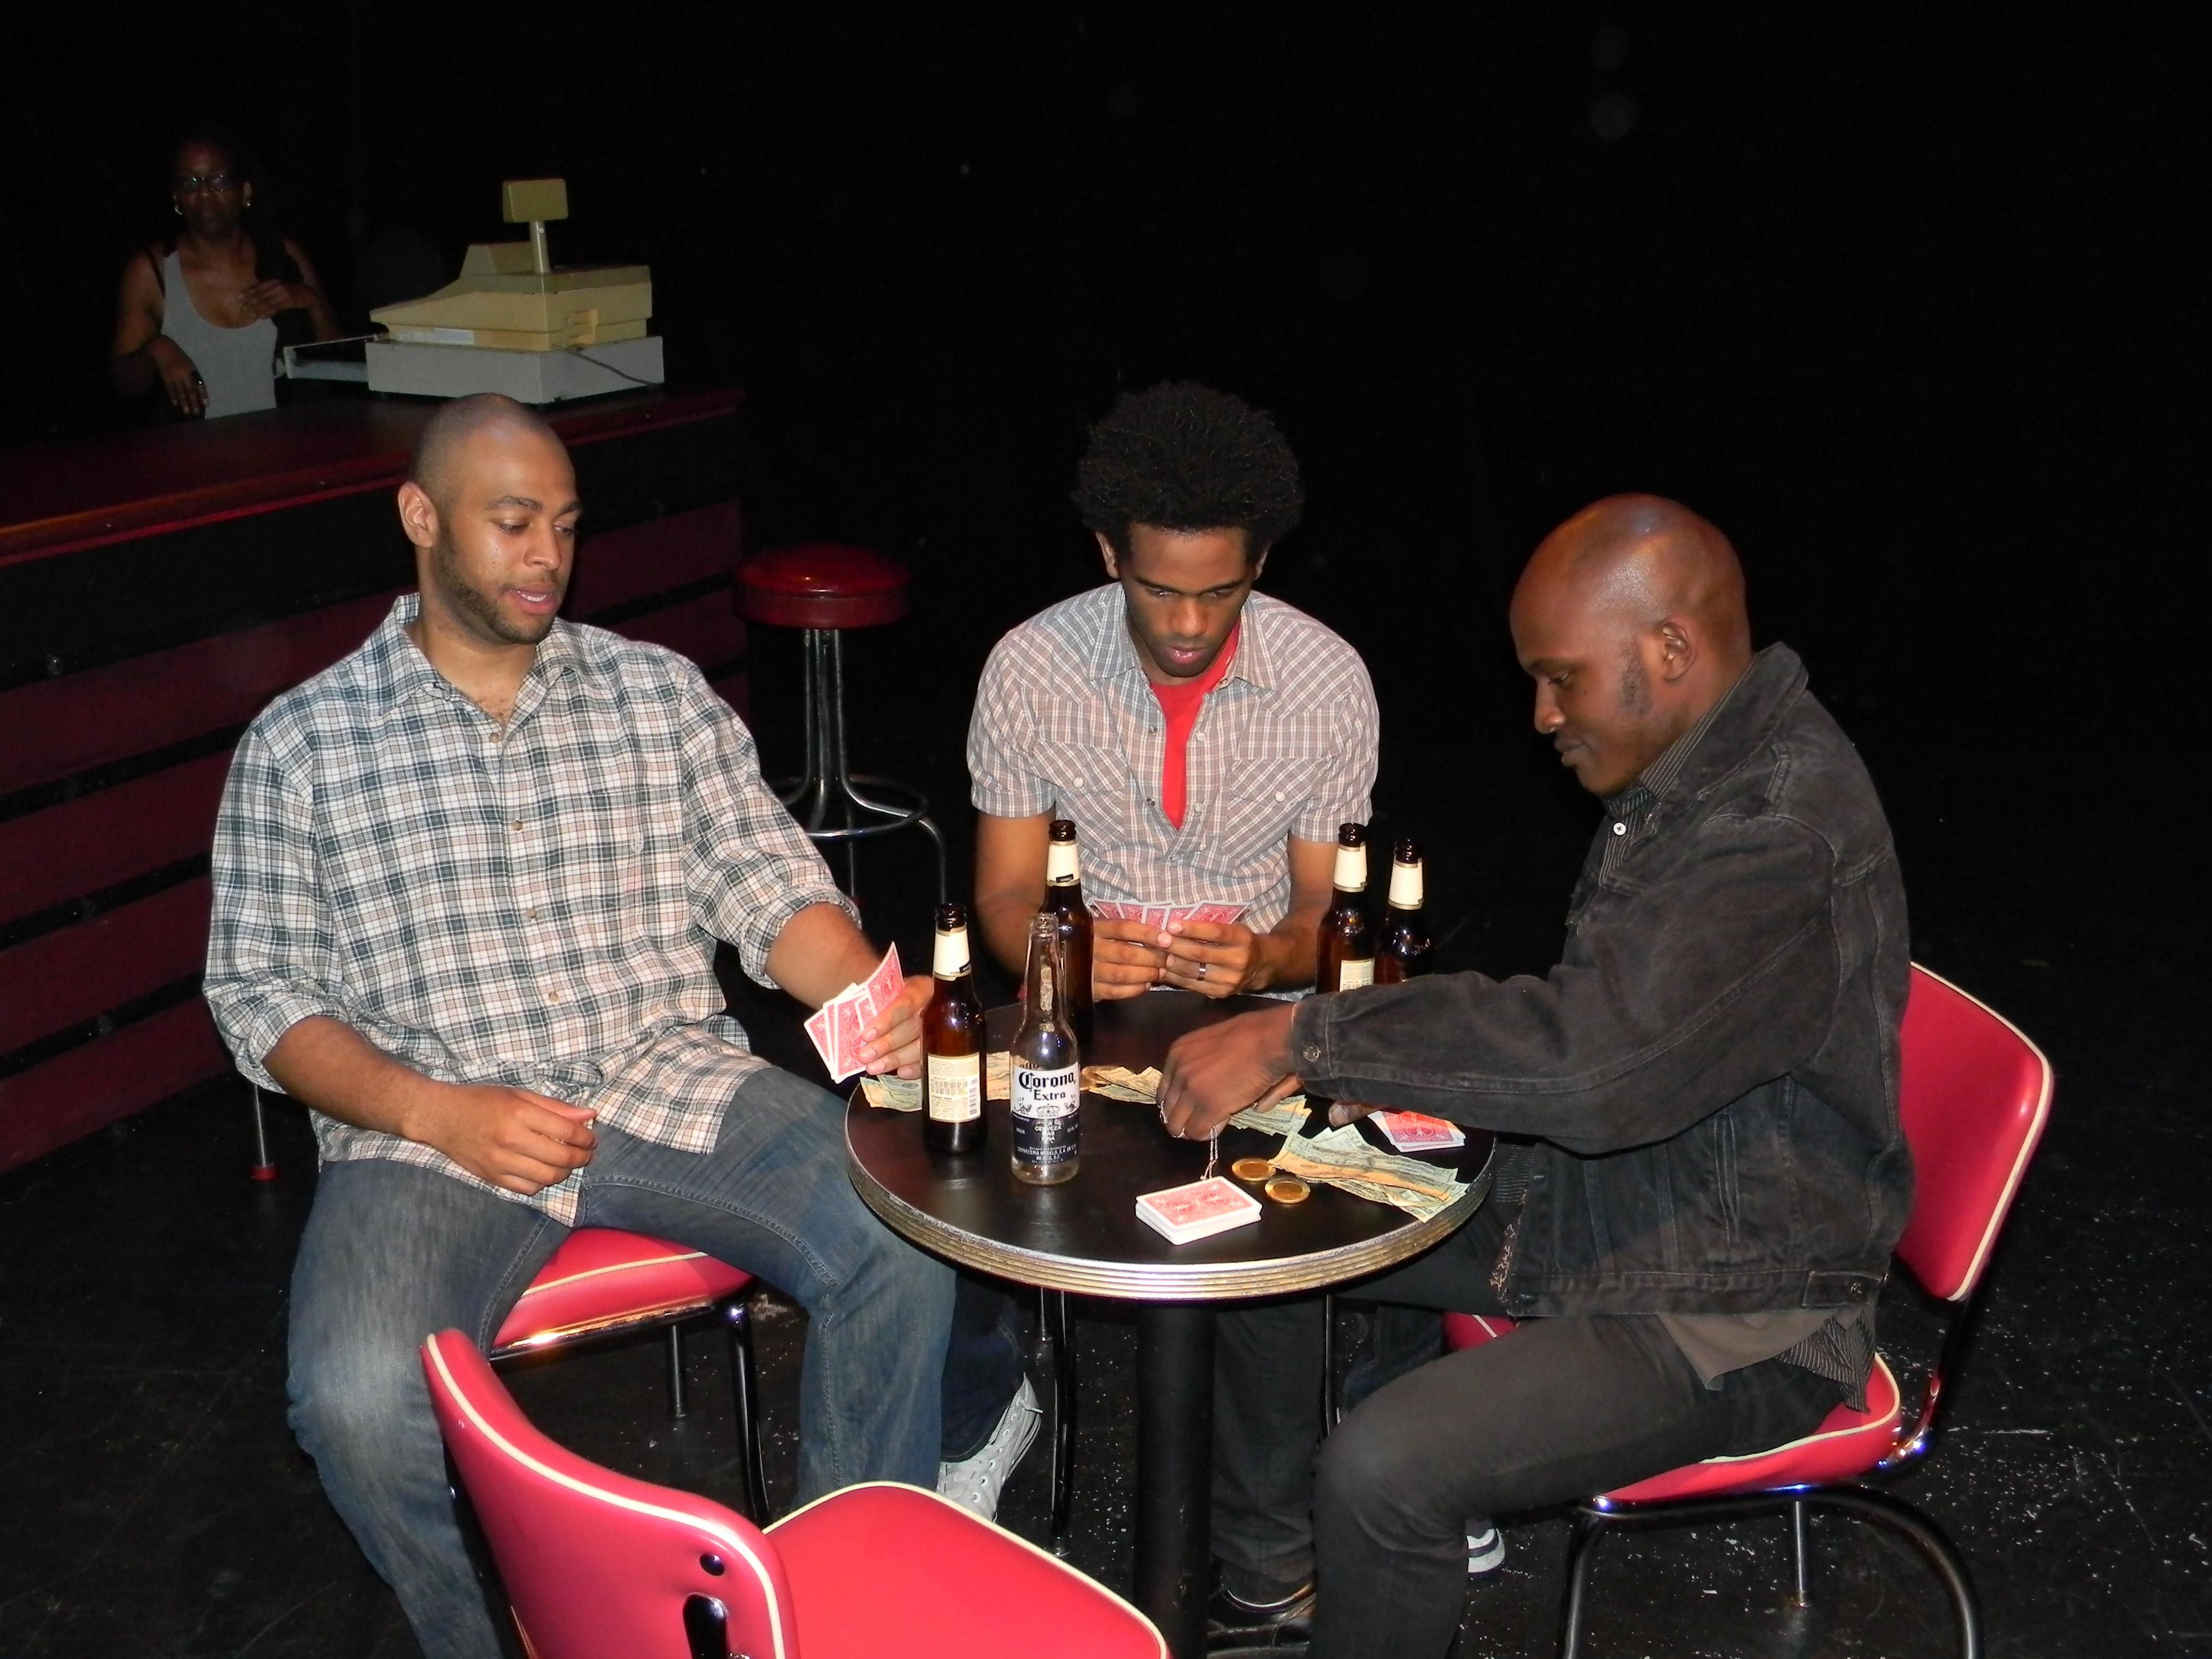 (Left to Right): Branden Baskin as EARL; Corey Wright as DAKOTA; Lex Daemon as THE DEALER